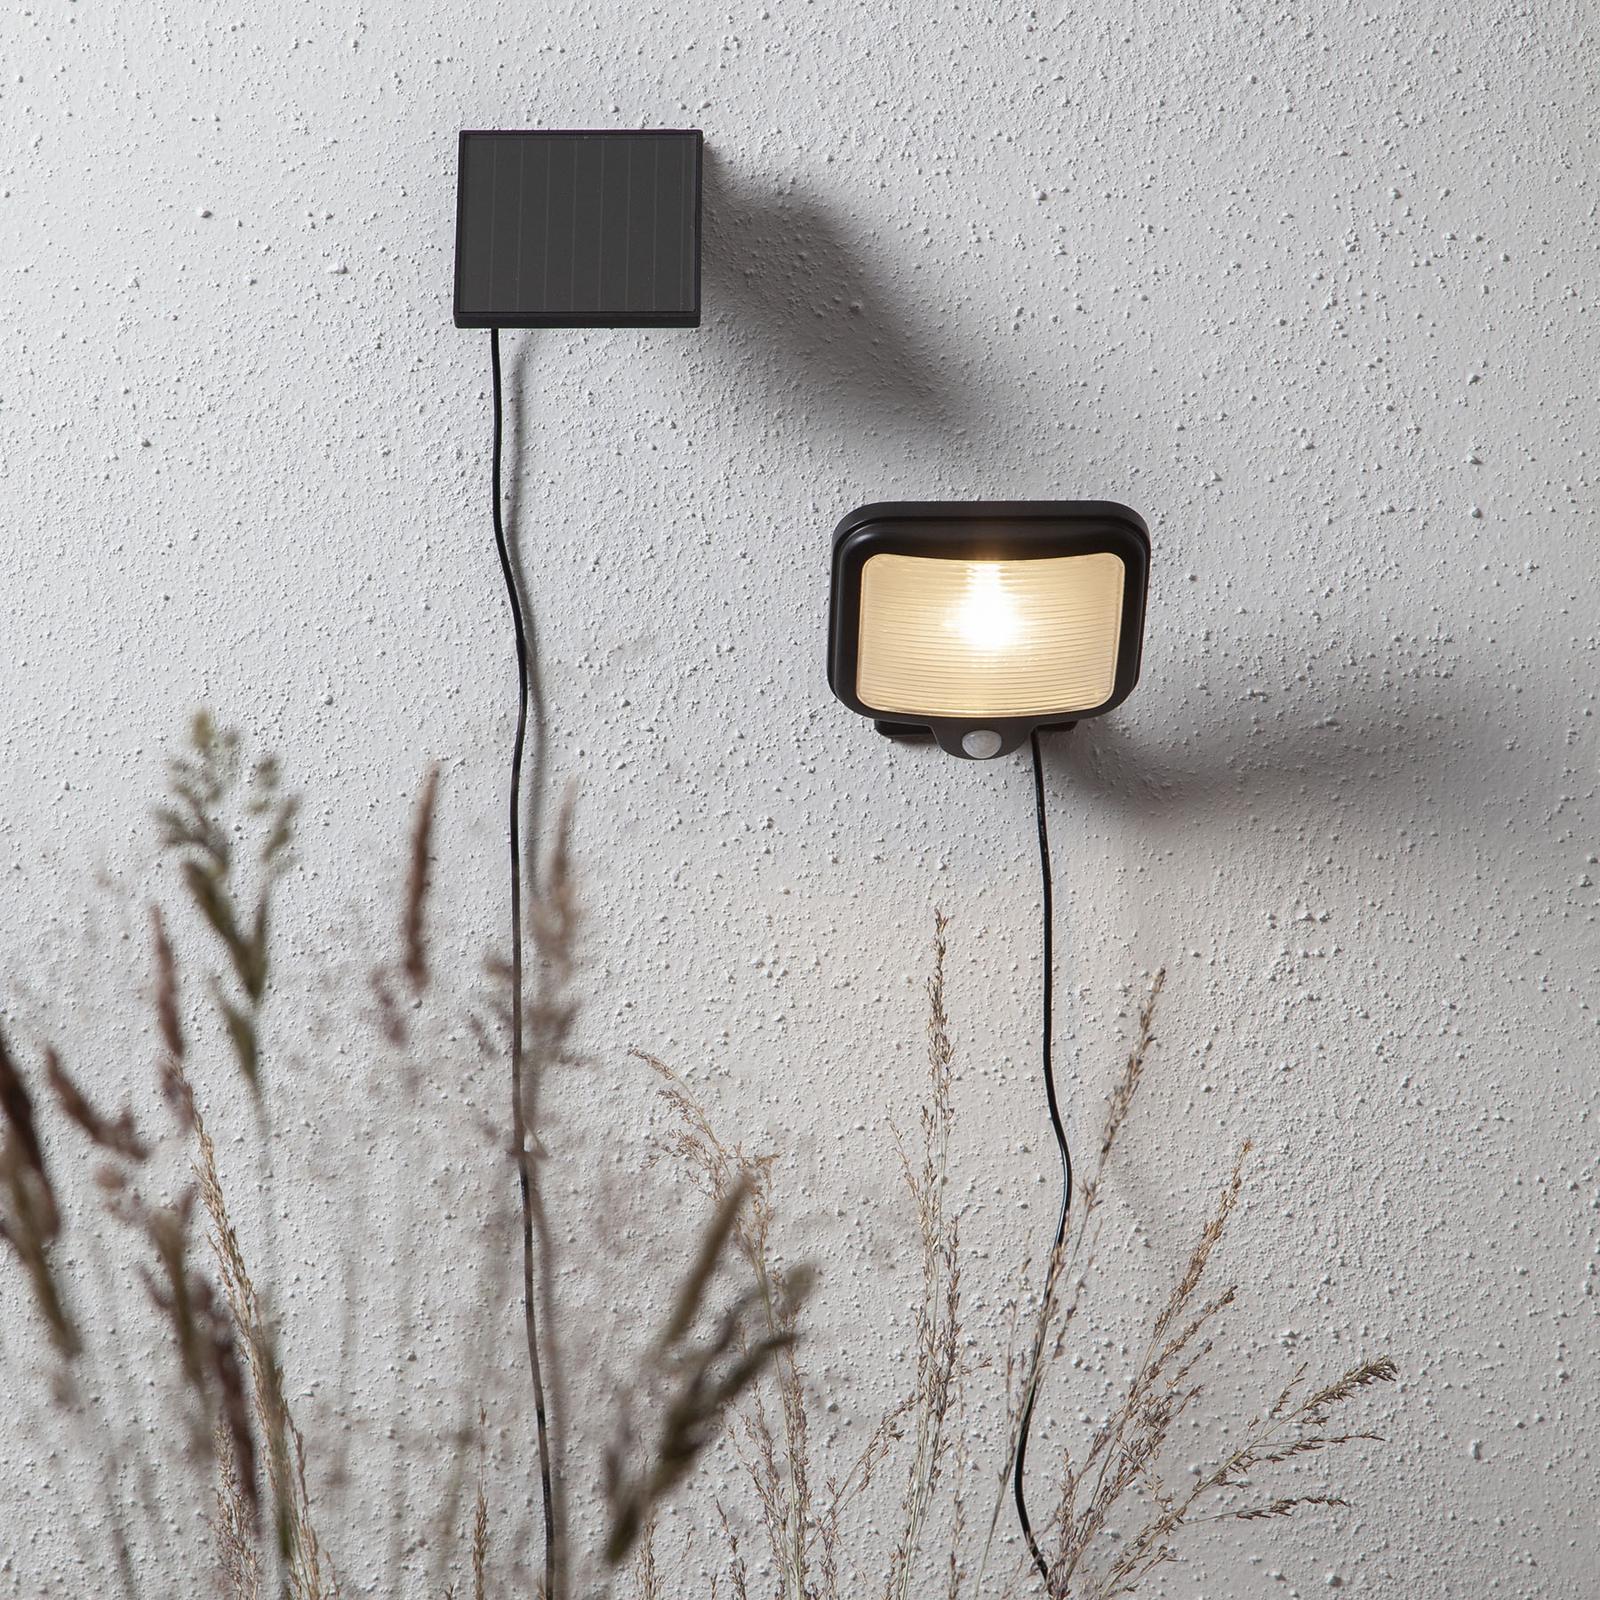 LED-sollampe Powerspot Sensor kantet svart 200